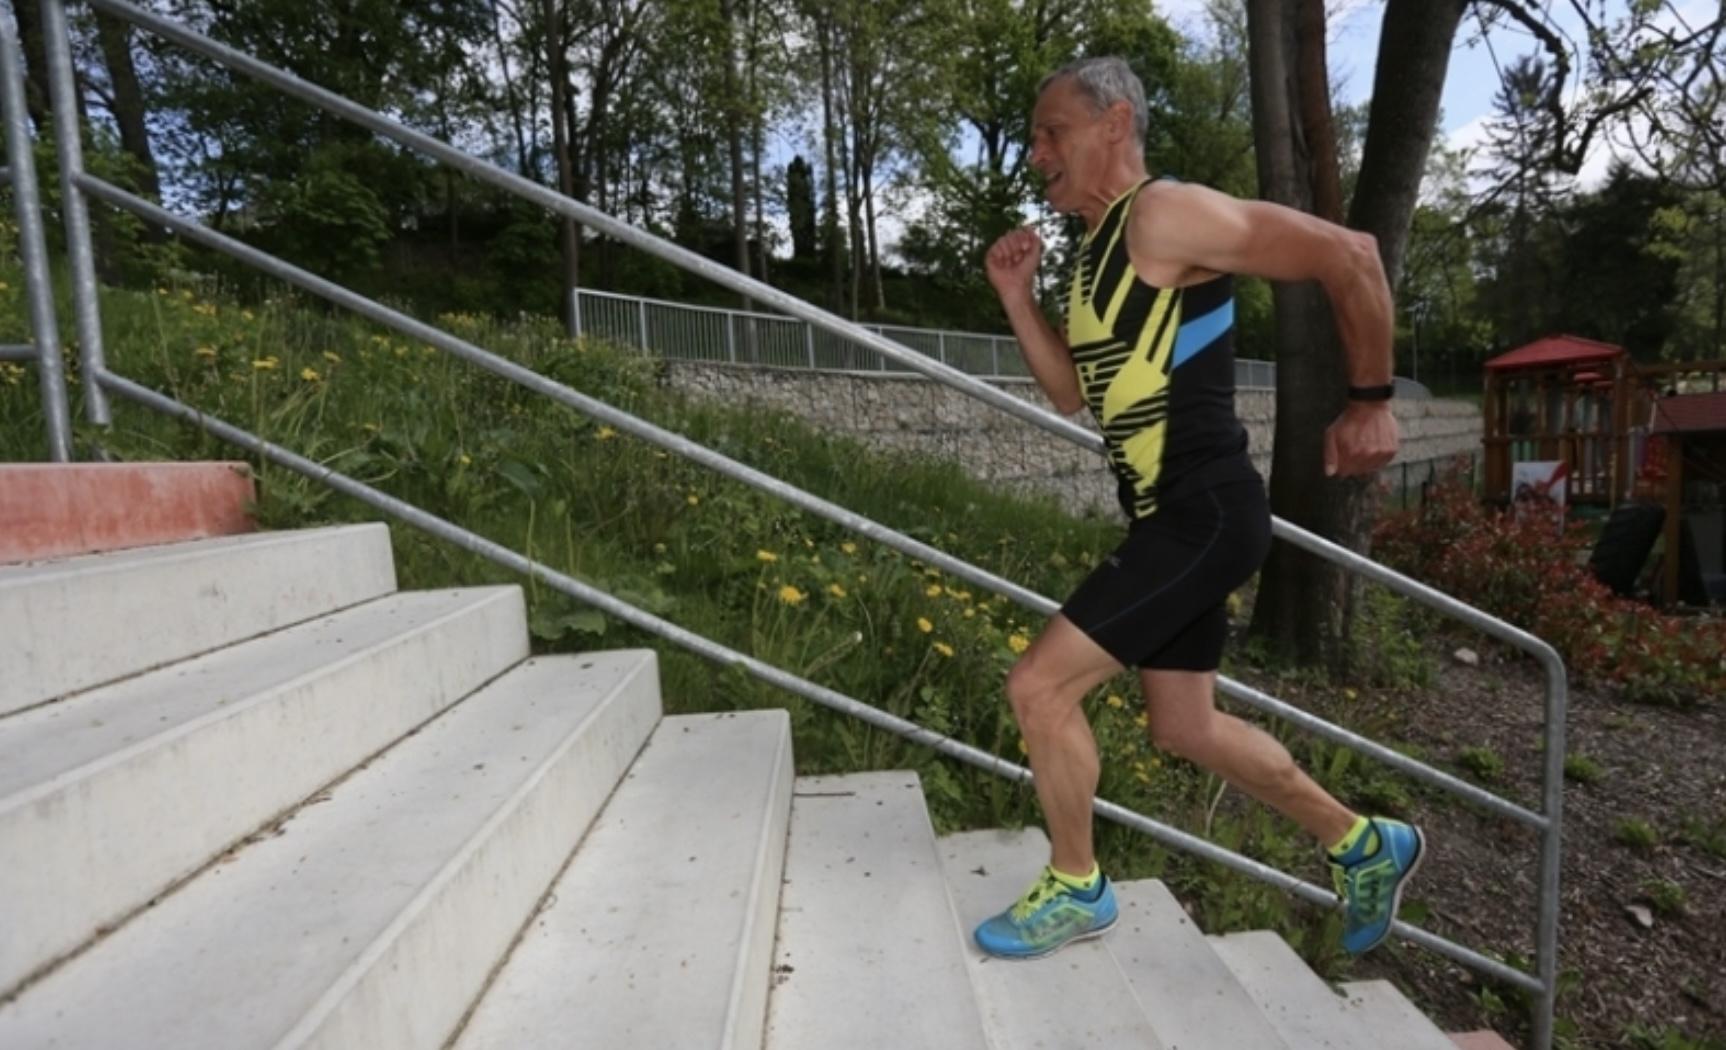 Schází ti kopce, běhej a cvič na schodech - sprinty